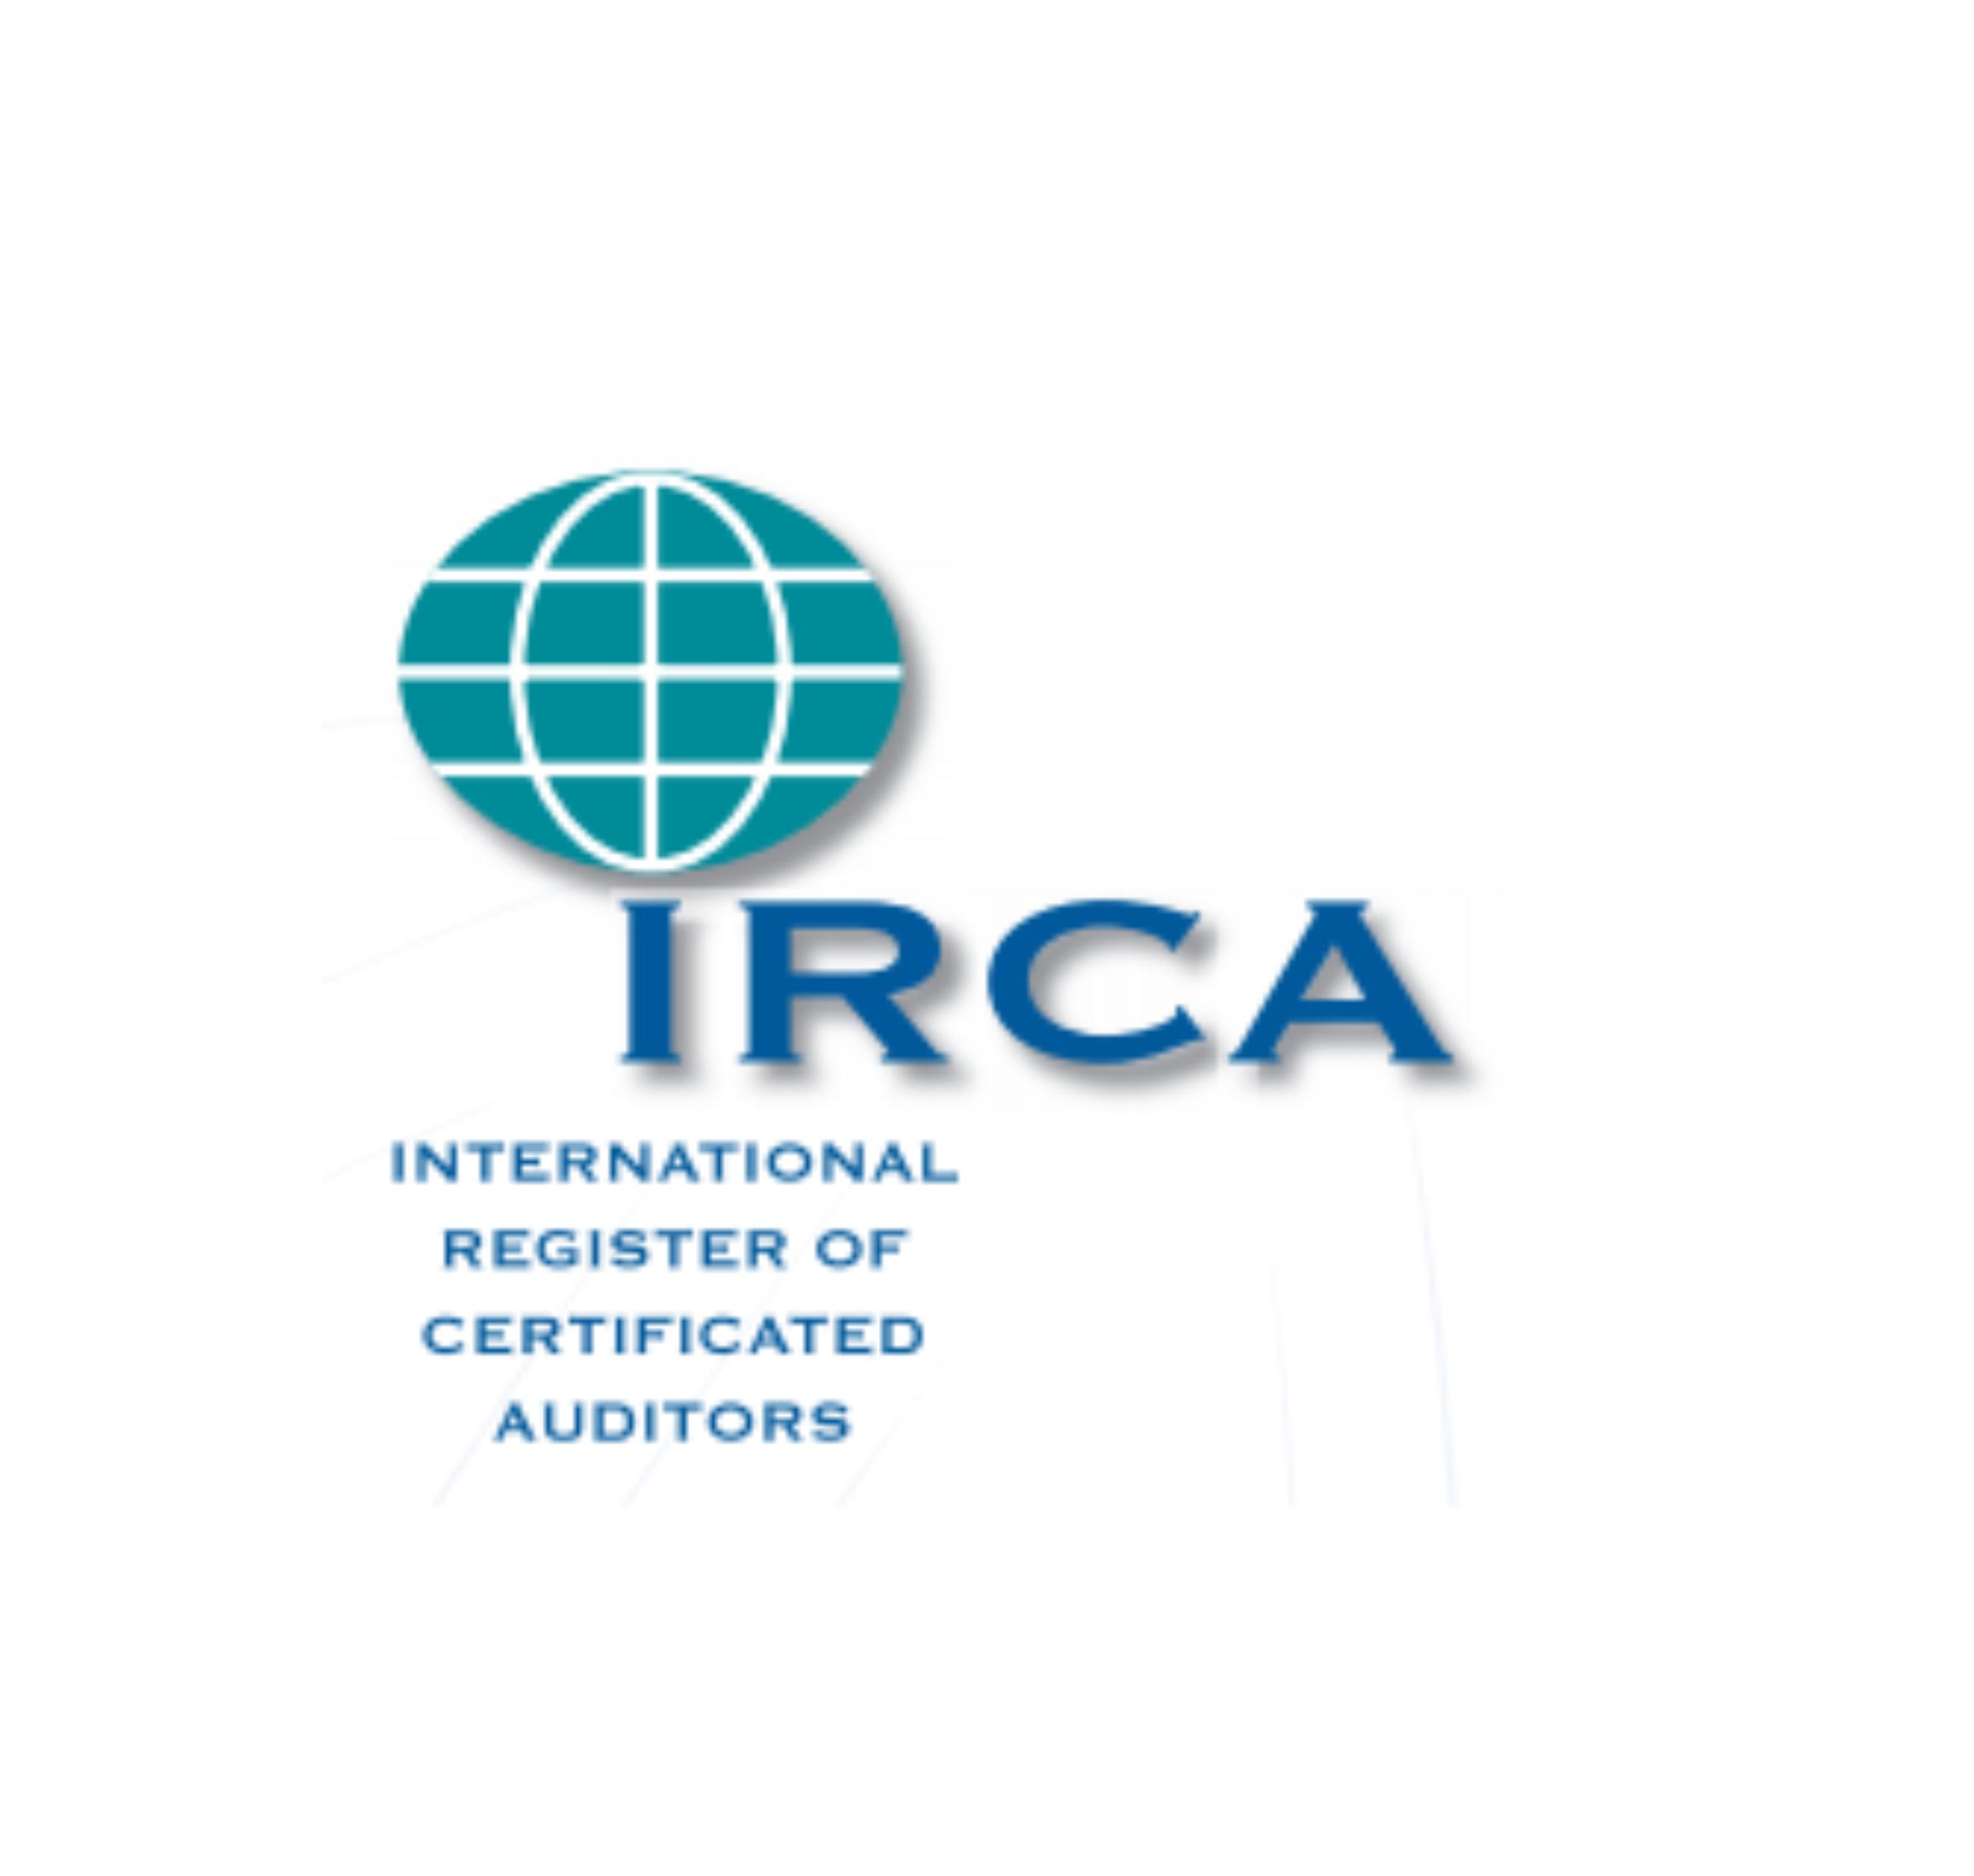 IRCA Certified Auditors